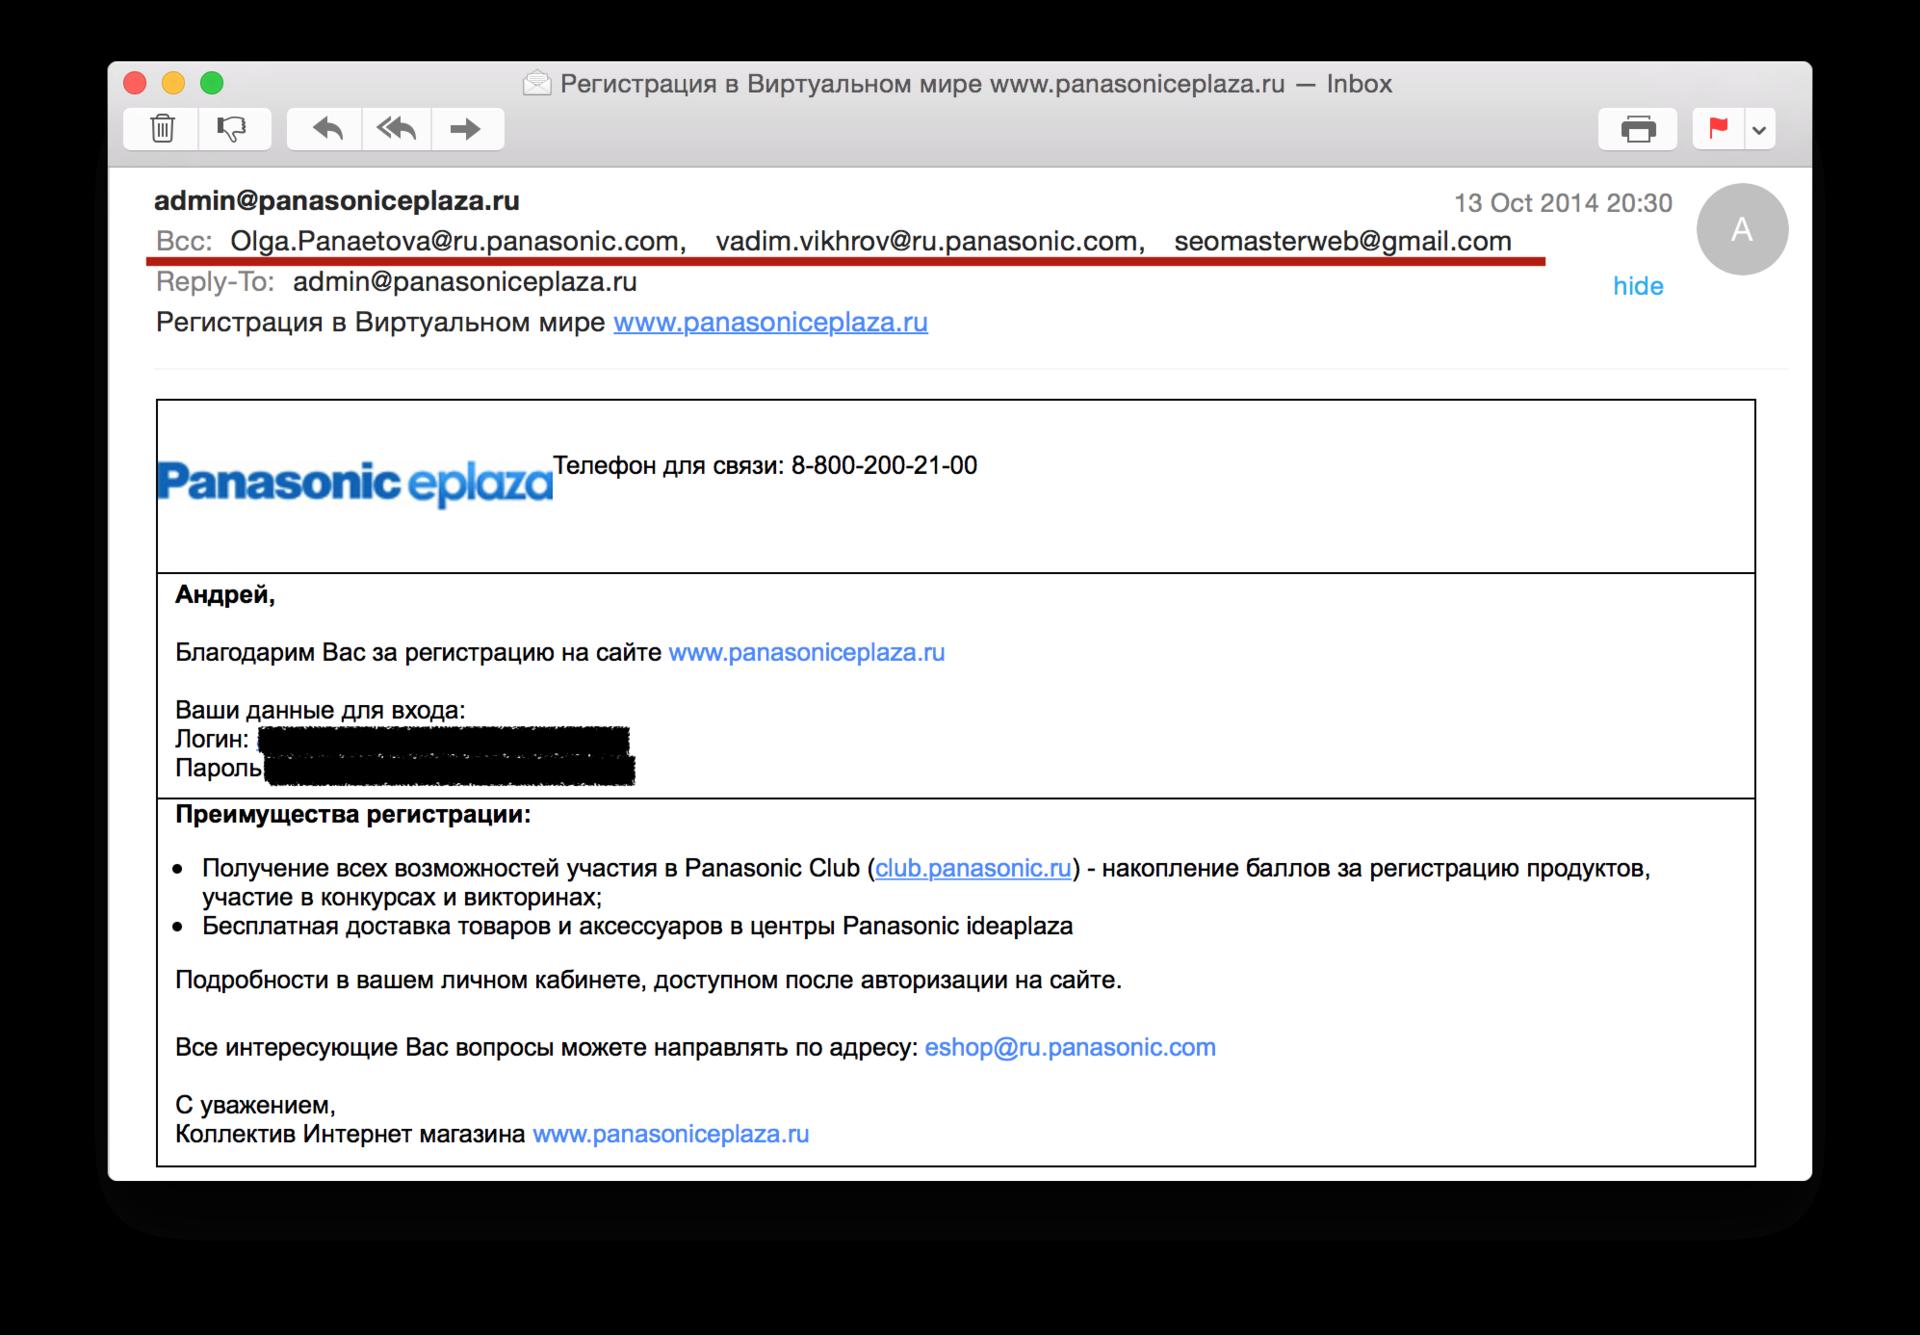 Официальный интернет-магазин Panasonic пересылает пароль в открытом виде и в копию 3 адресатам